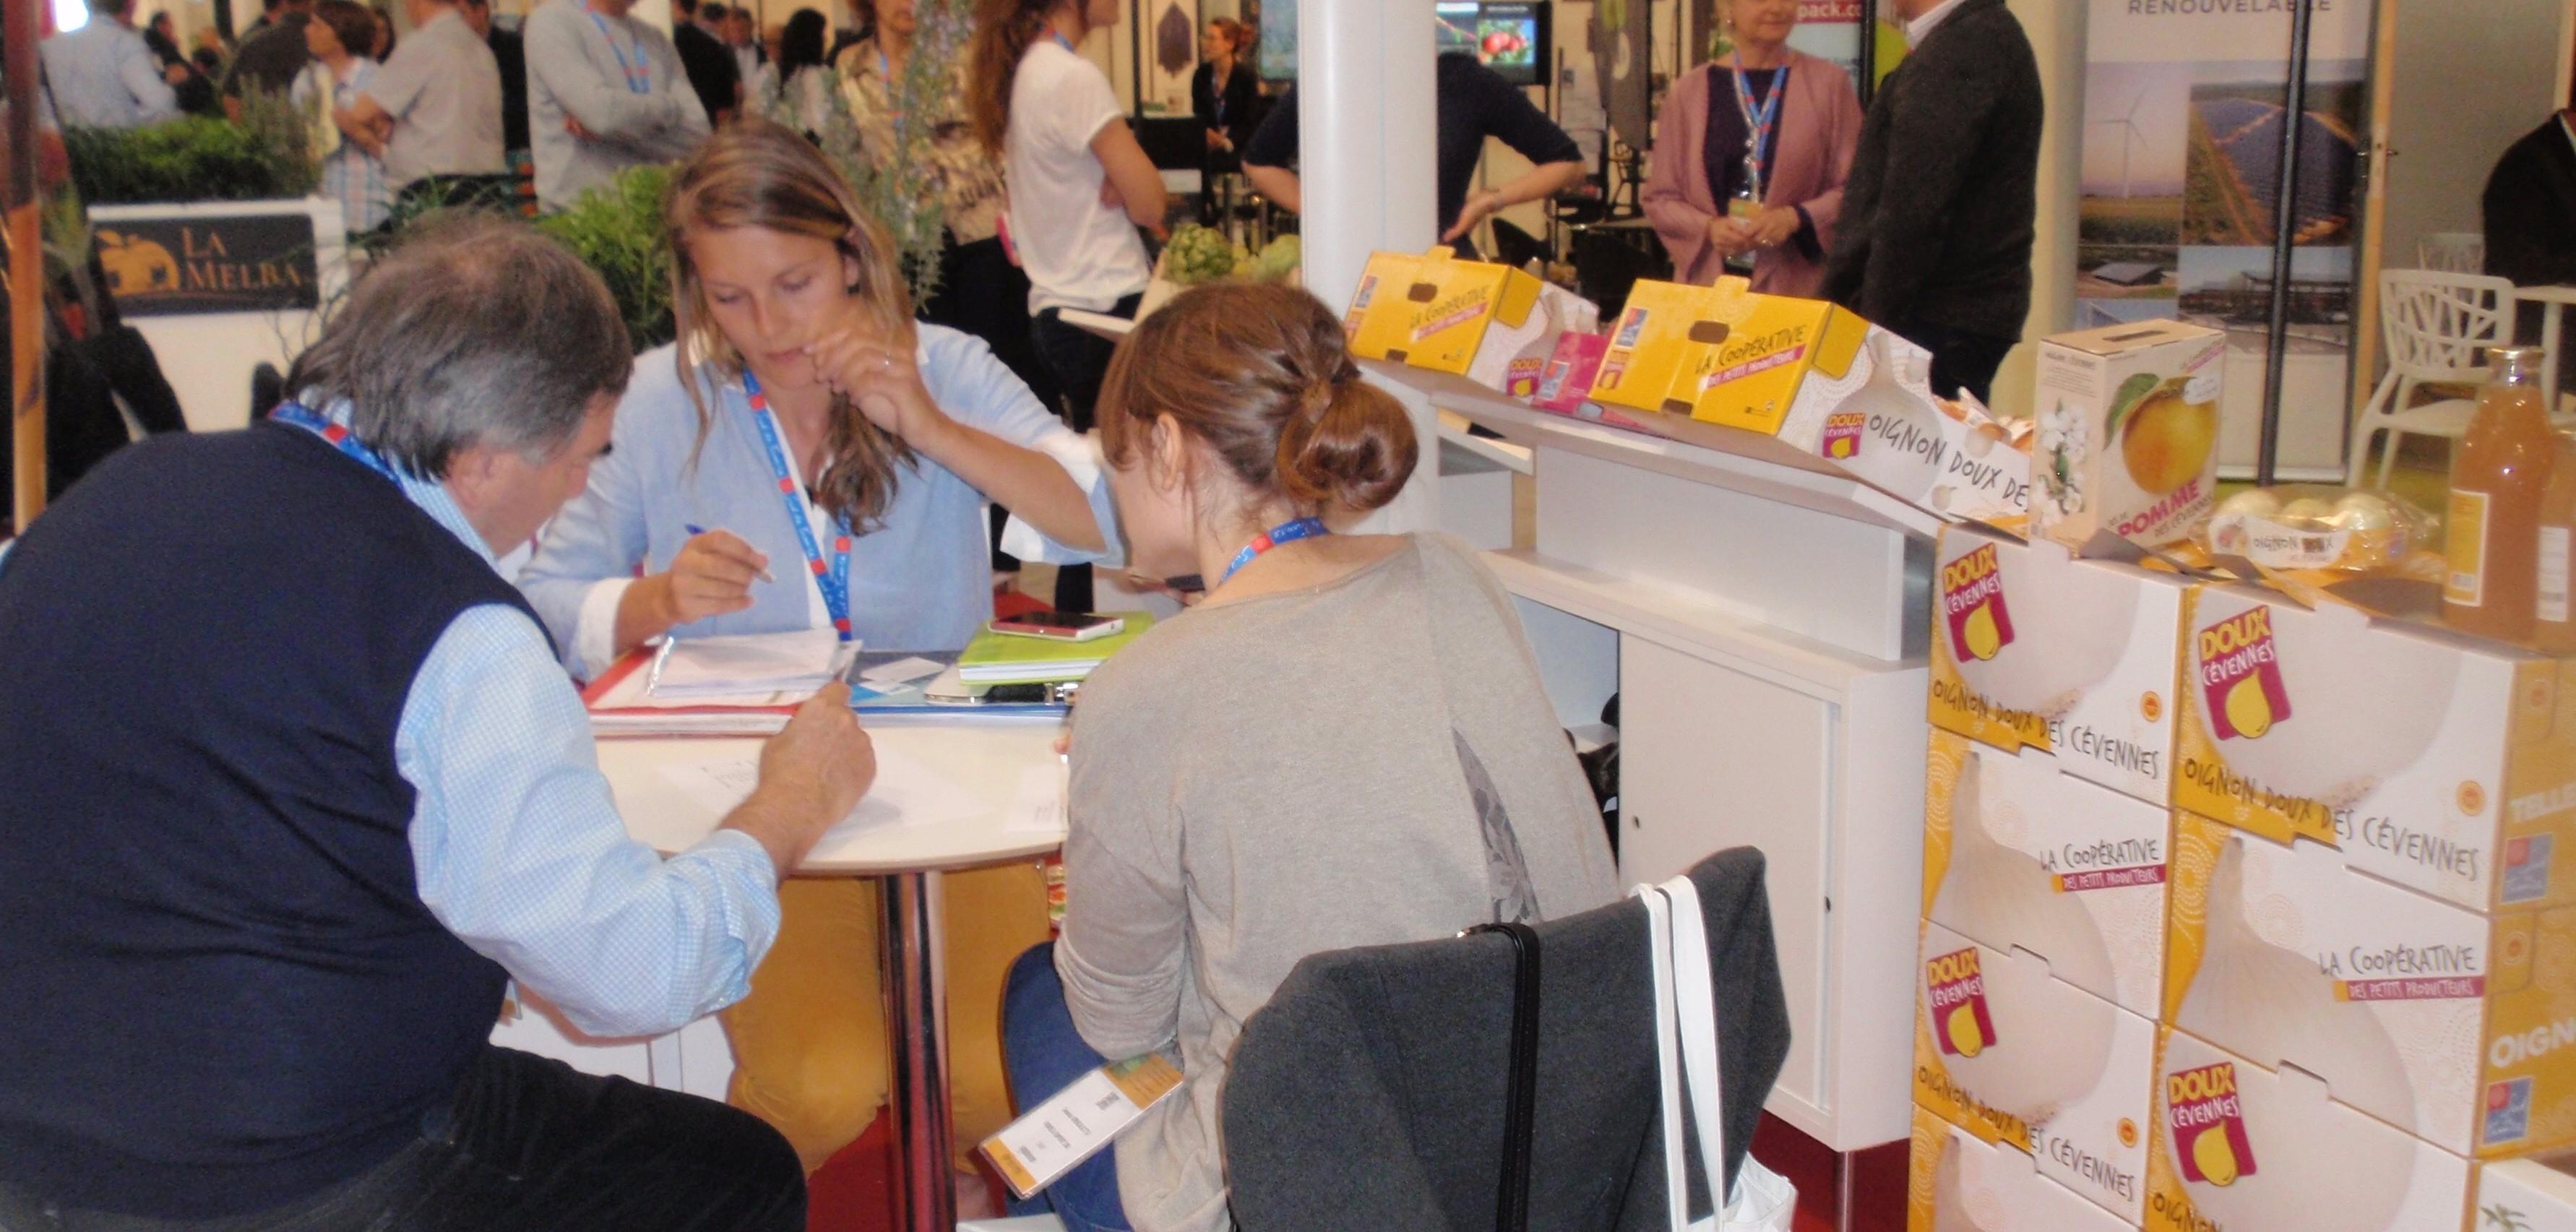 Medfel : le salon de Perpignan ouvre de belles perspectives sur de nouveaux marchés